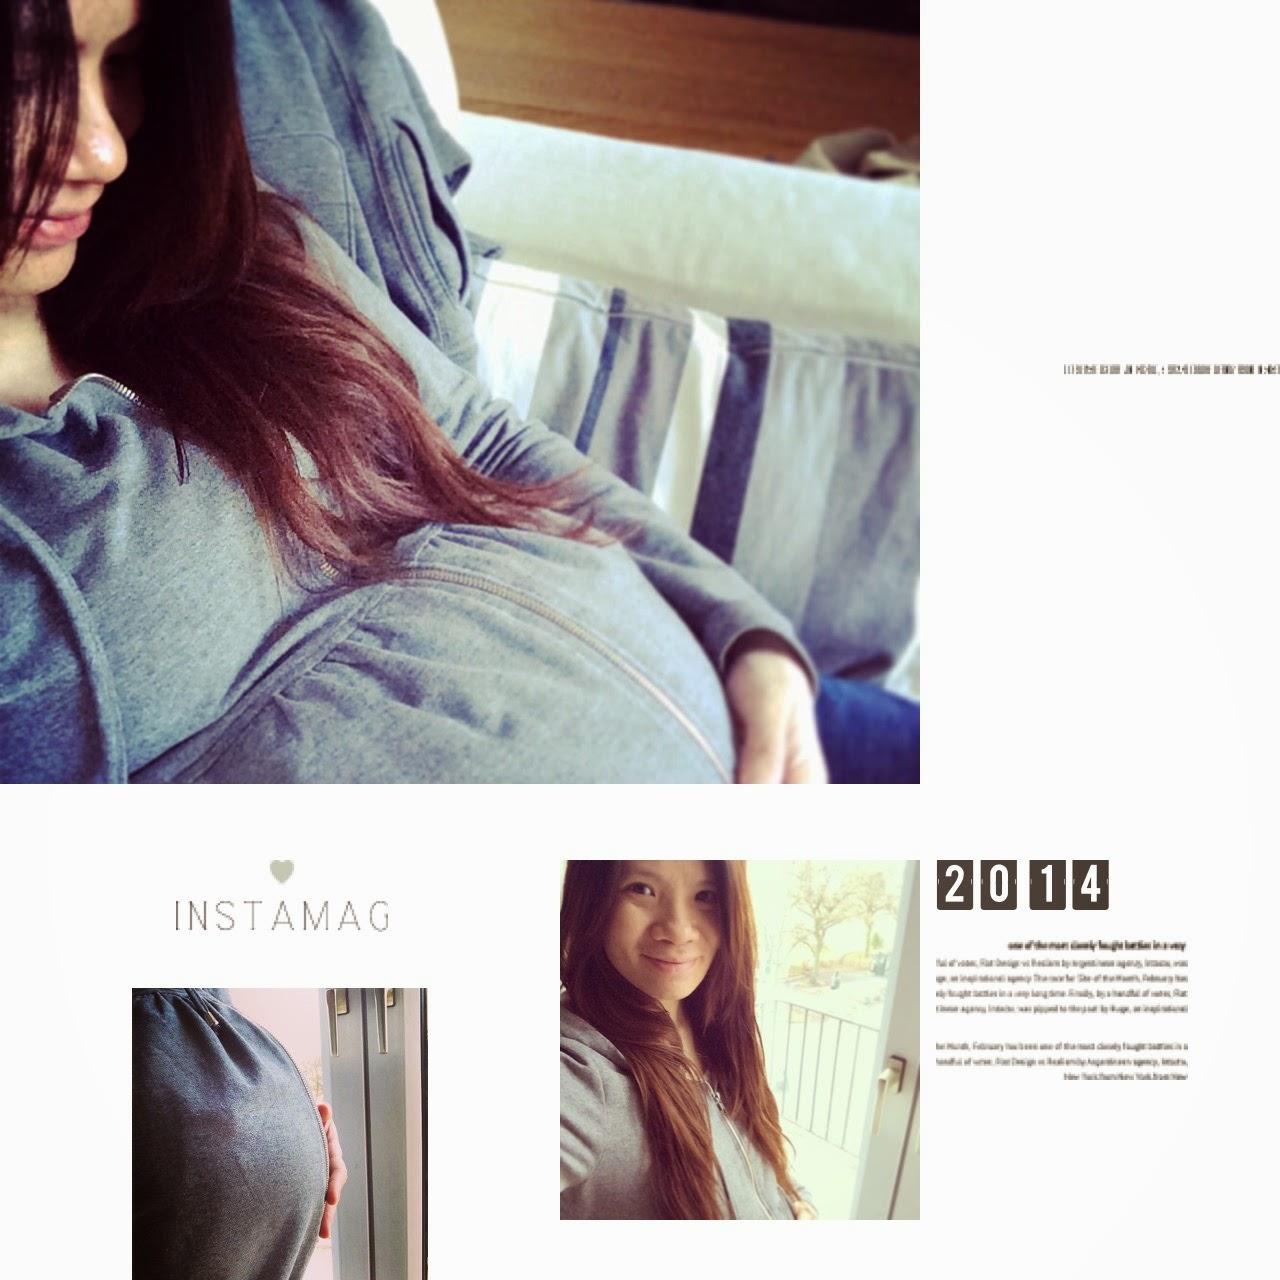 小搗蛋在德國 |懷孕八個月囉~瘋狂大採買、準備待產包、決定德國醫院囉!